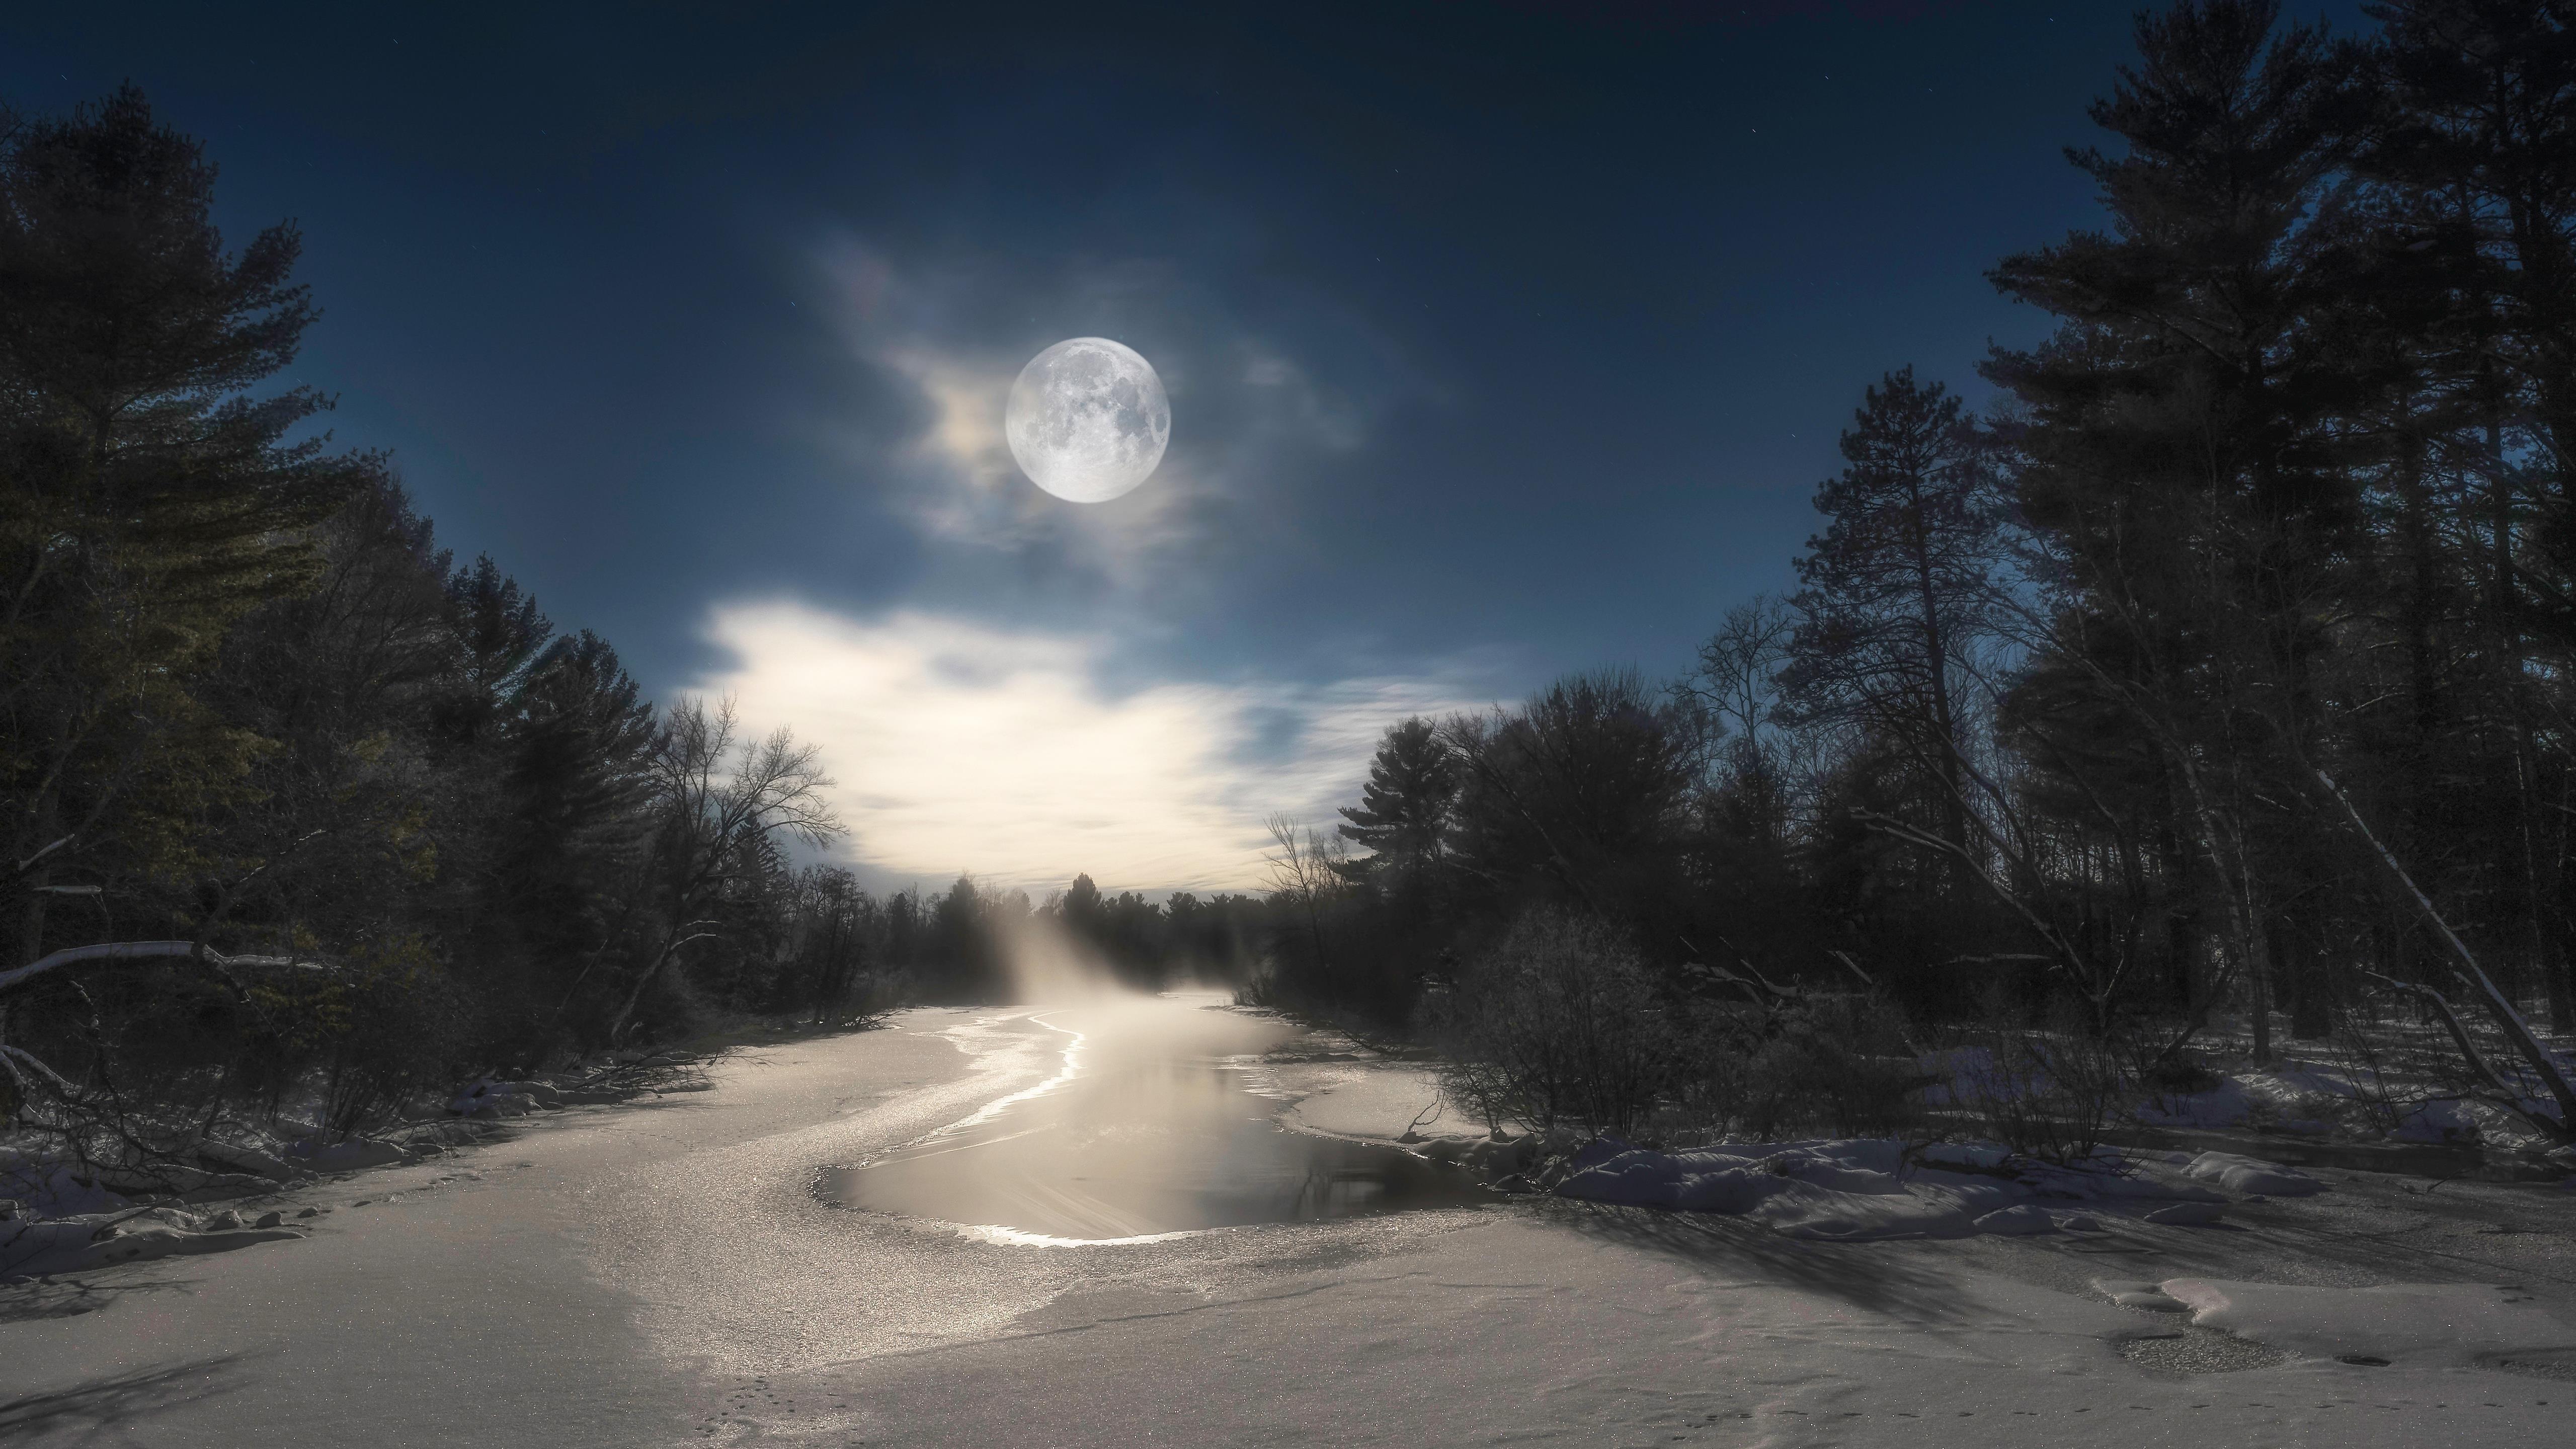 Заснеженная река между соснами под лунным небом зима обои скачать